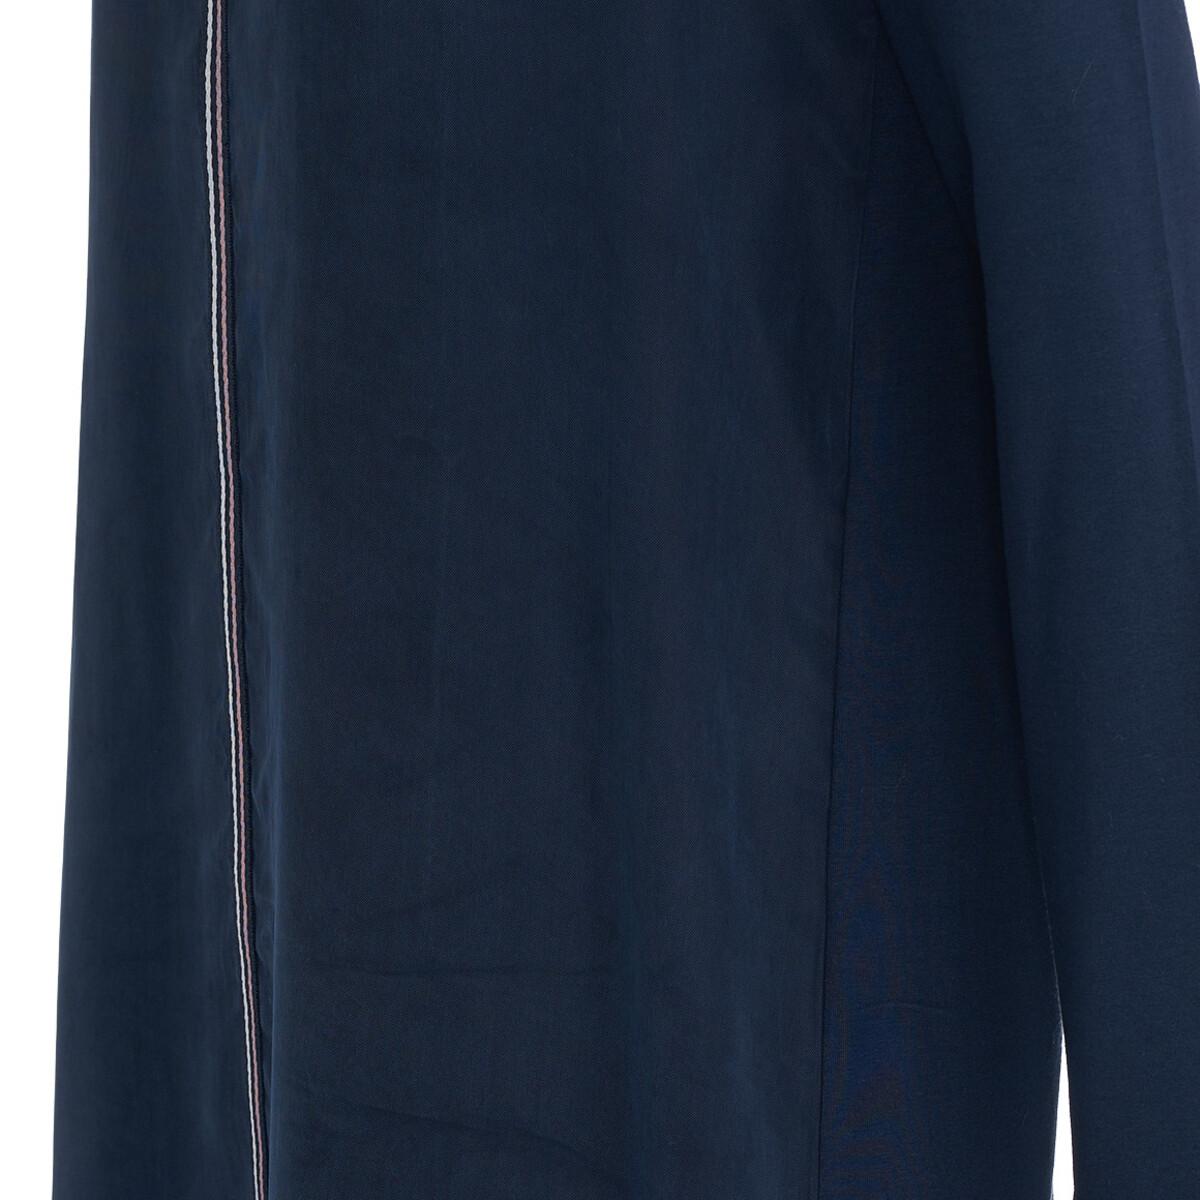 Bild 3 von Damen Kleid in Velours-Optik